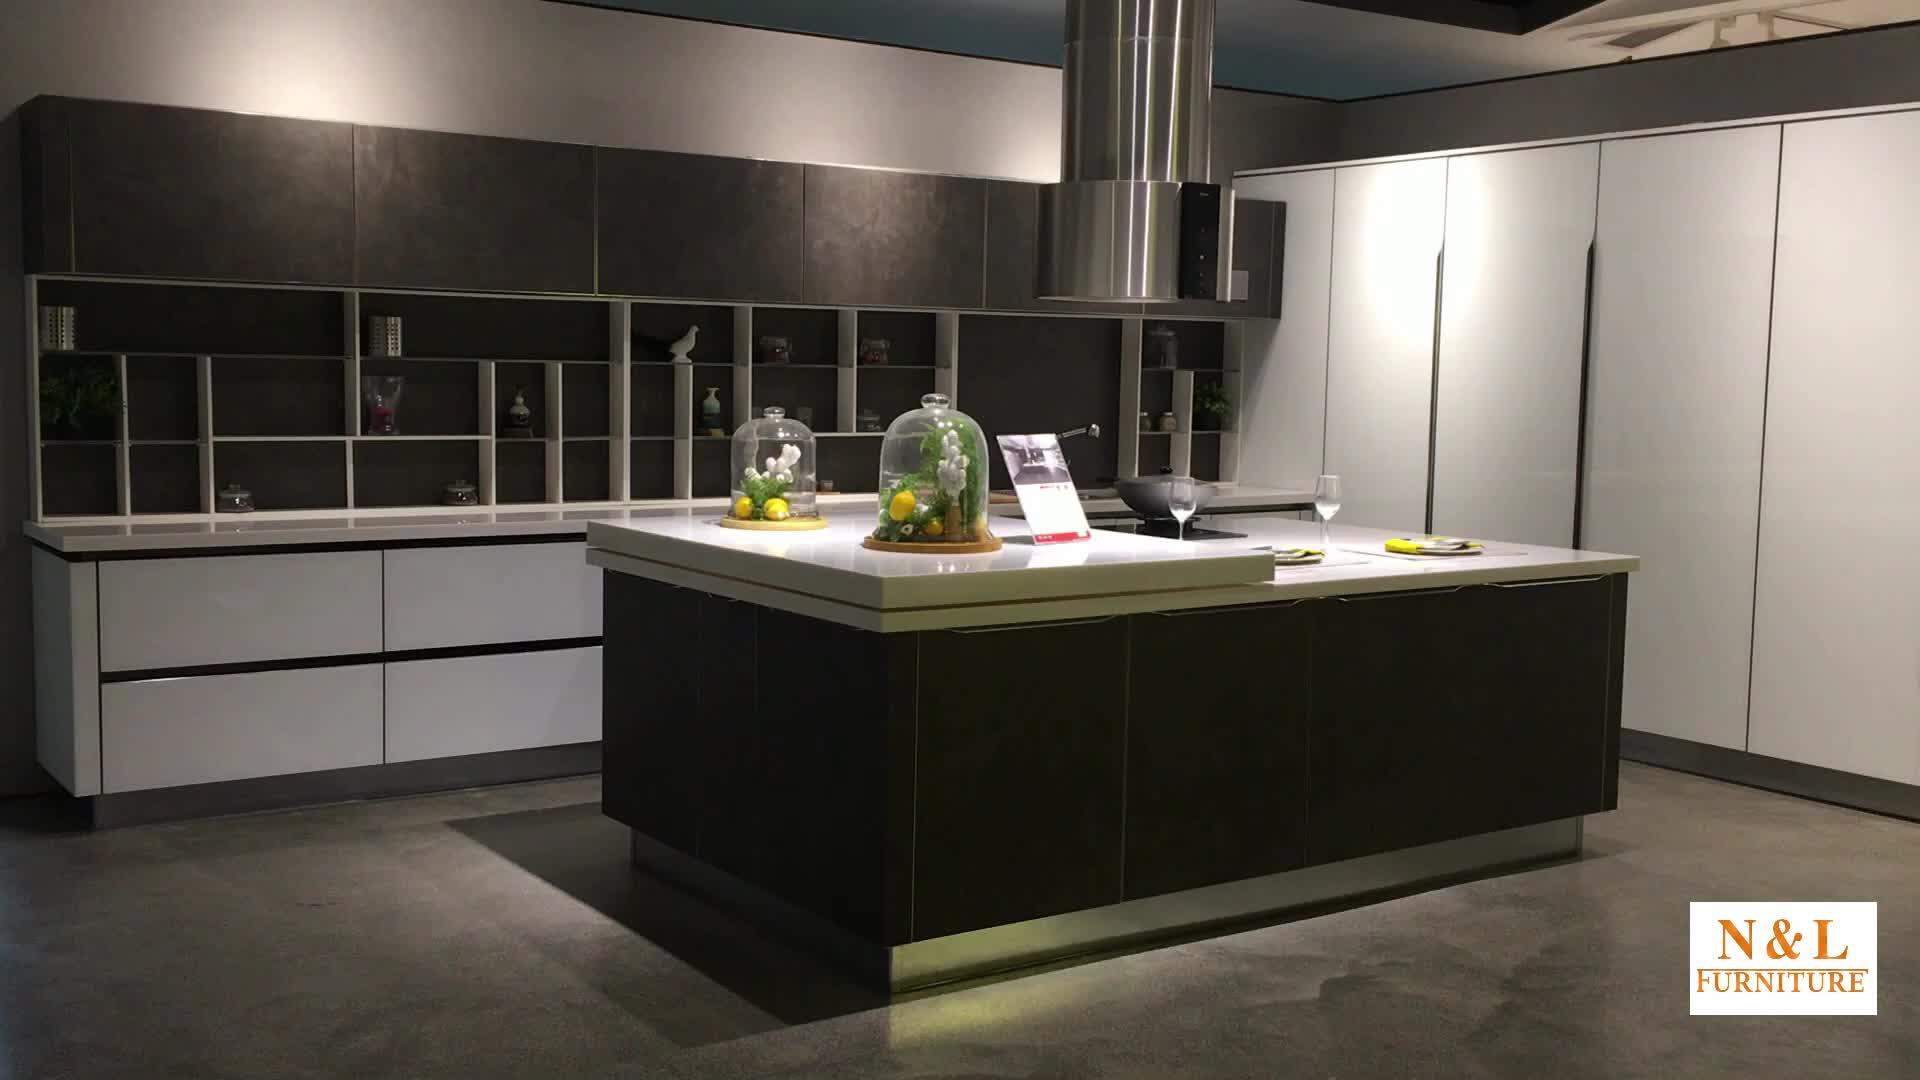 Azul Altavoces Cocina Moderna Combinación De Muebles Del Gabinete De Cocina  De Diseño De Europa Con La Mejor Calidad Y Precio Barato - Buy Mueble De ...